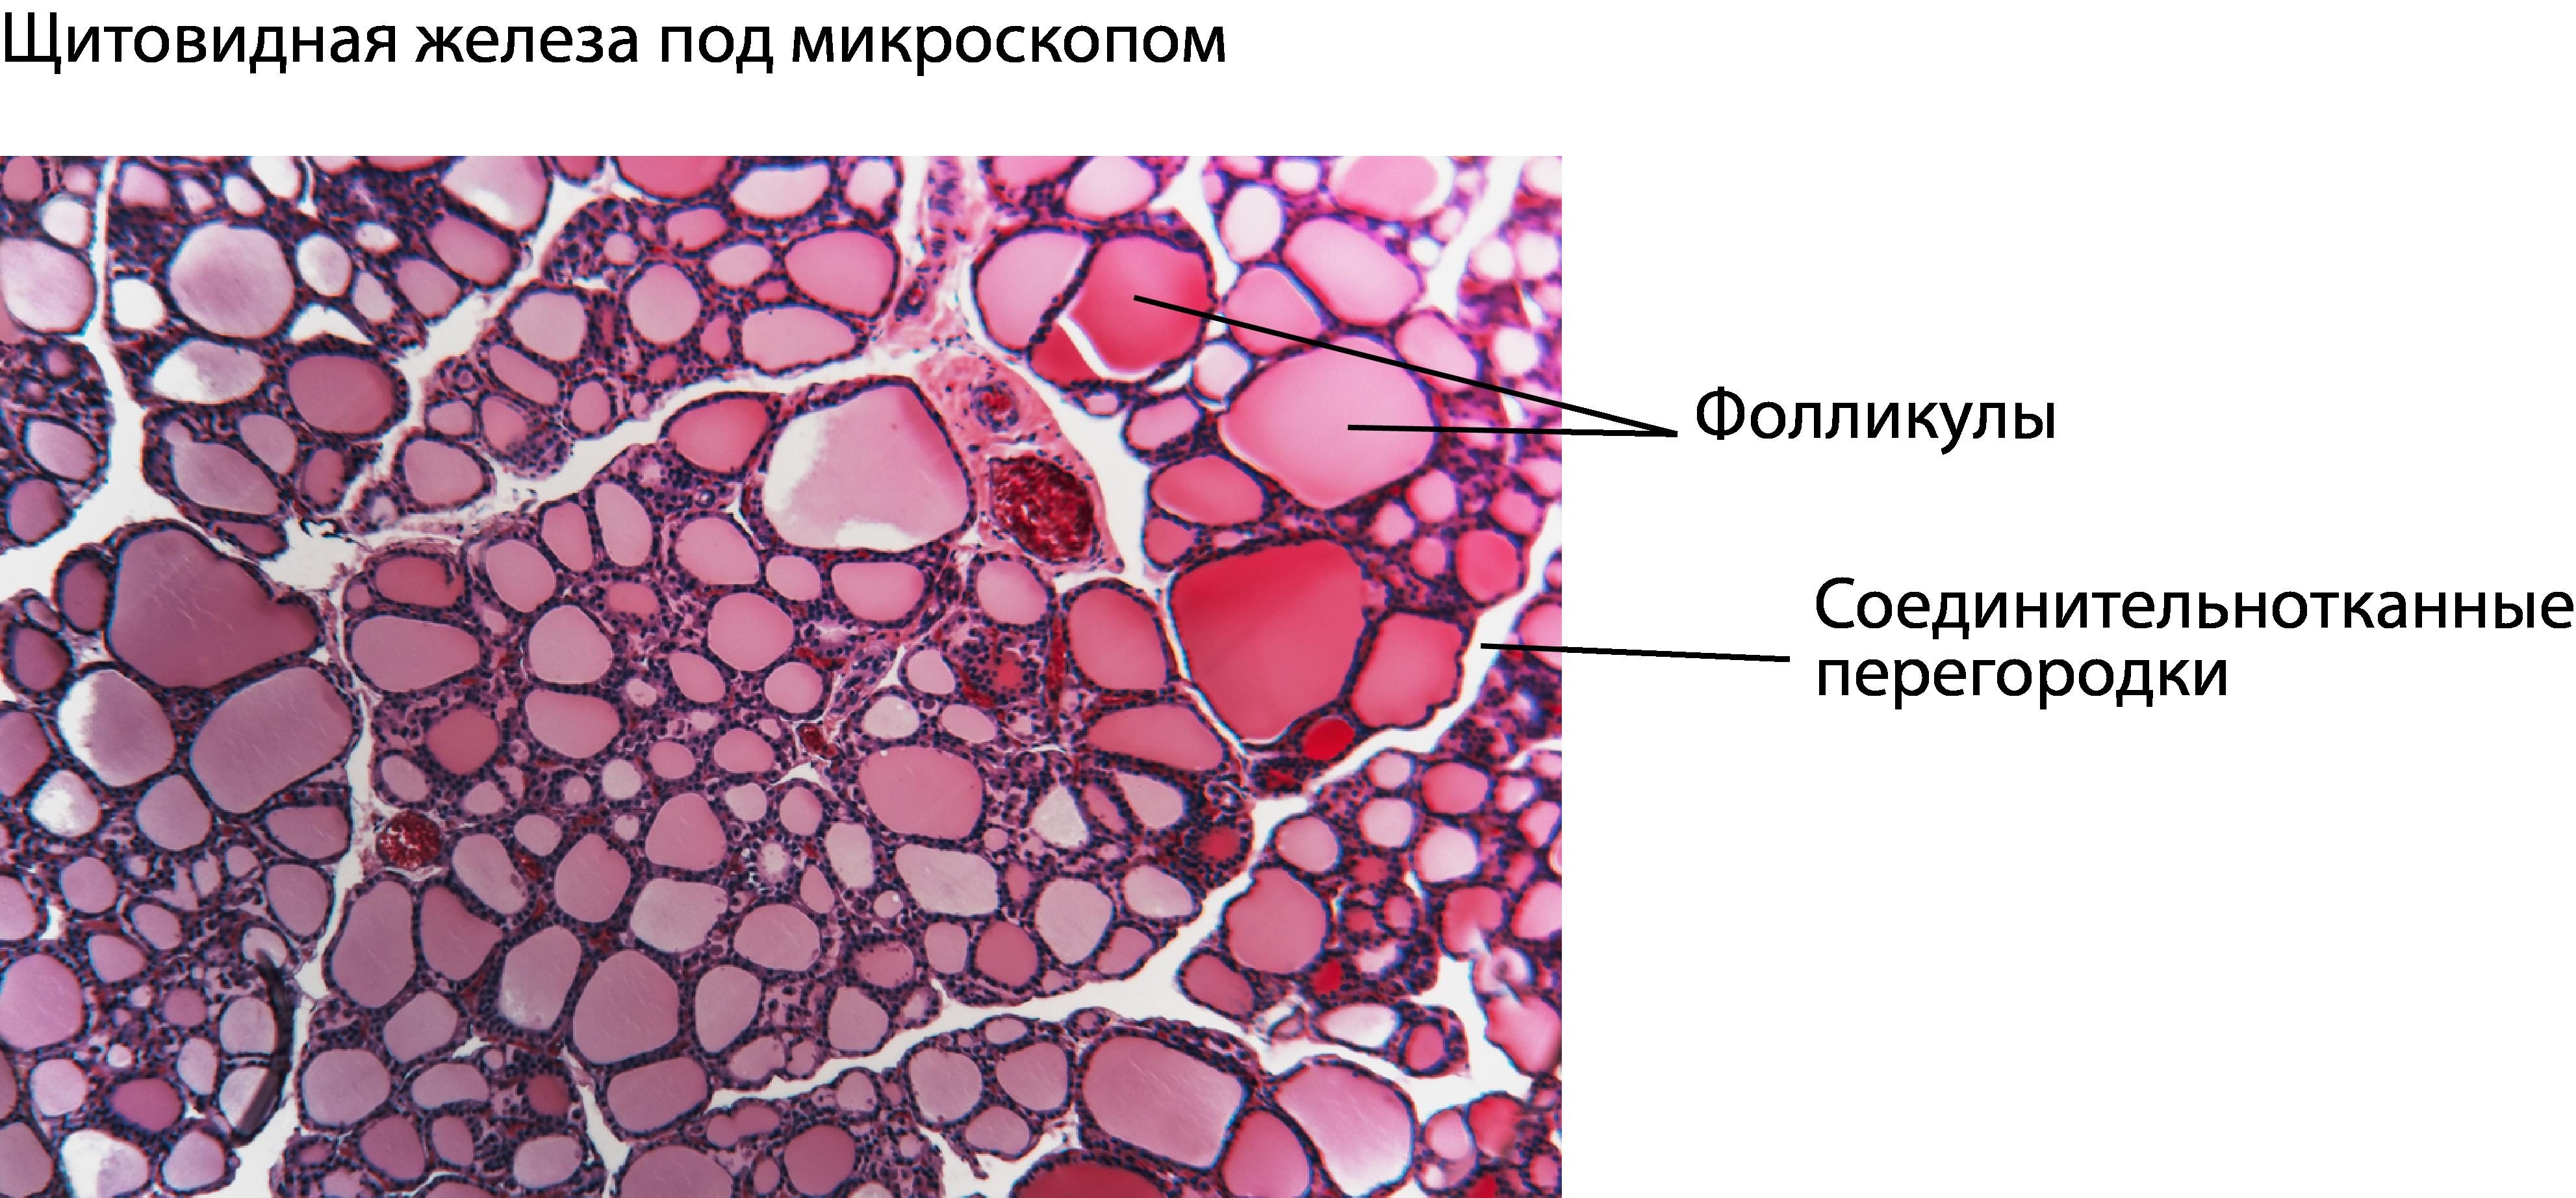 Щитовидная железа под микроскопом